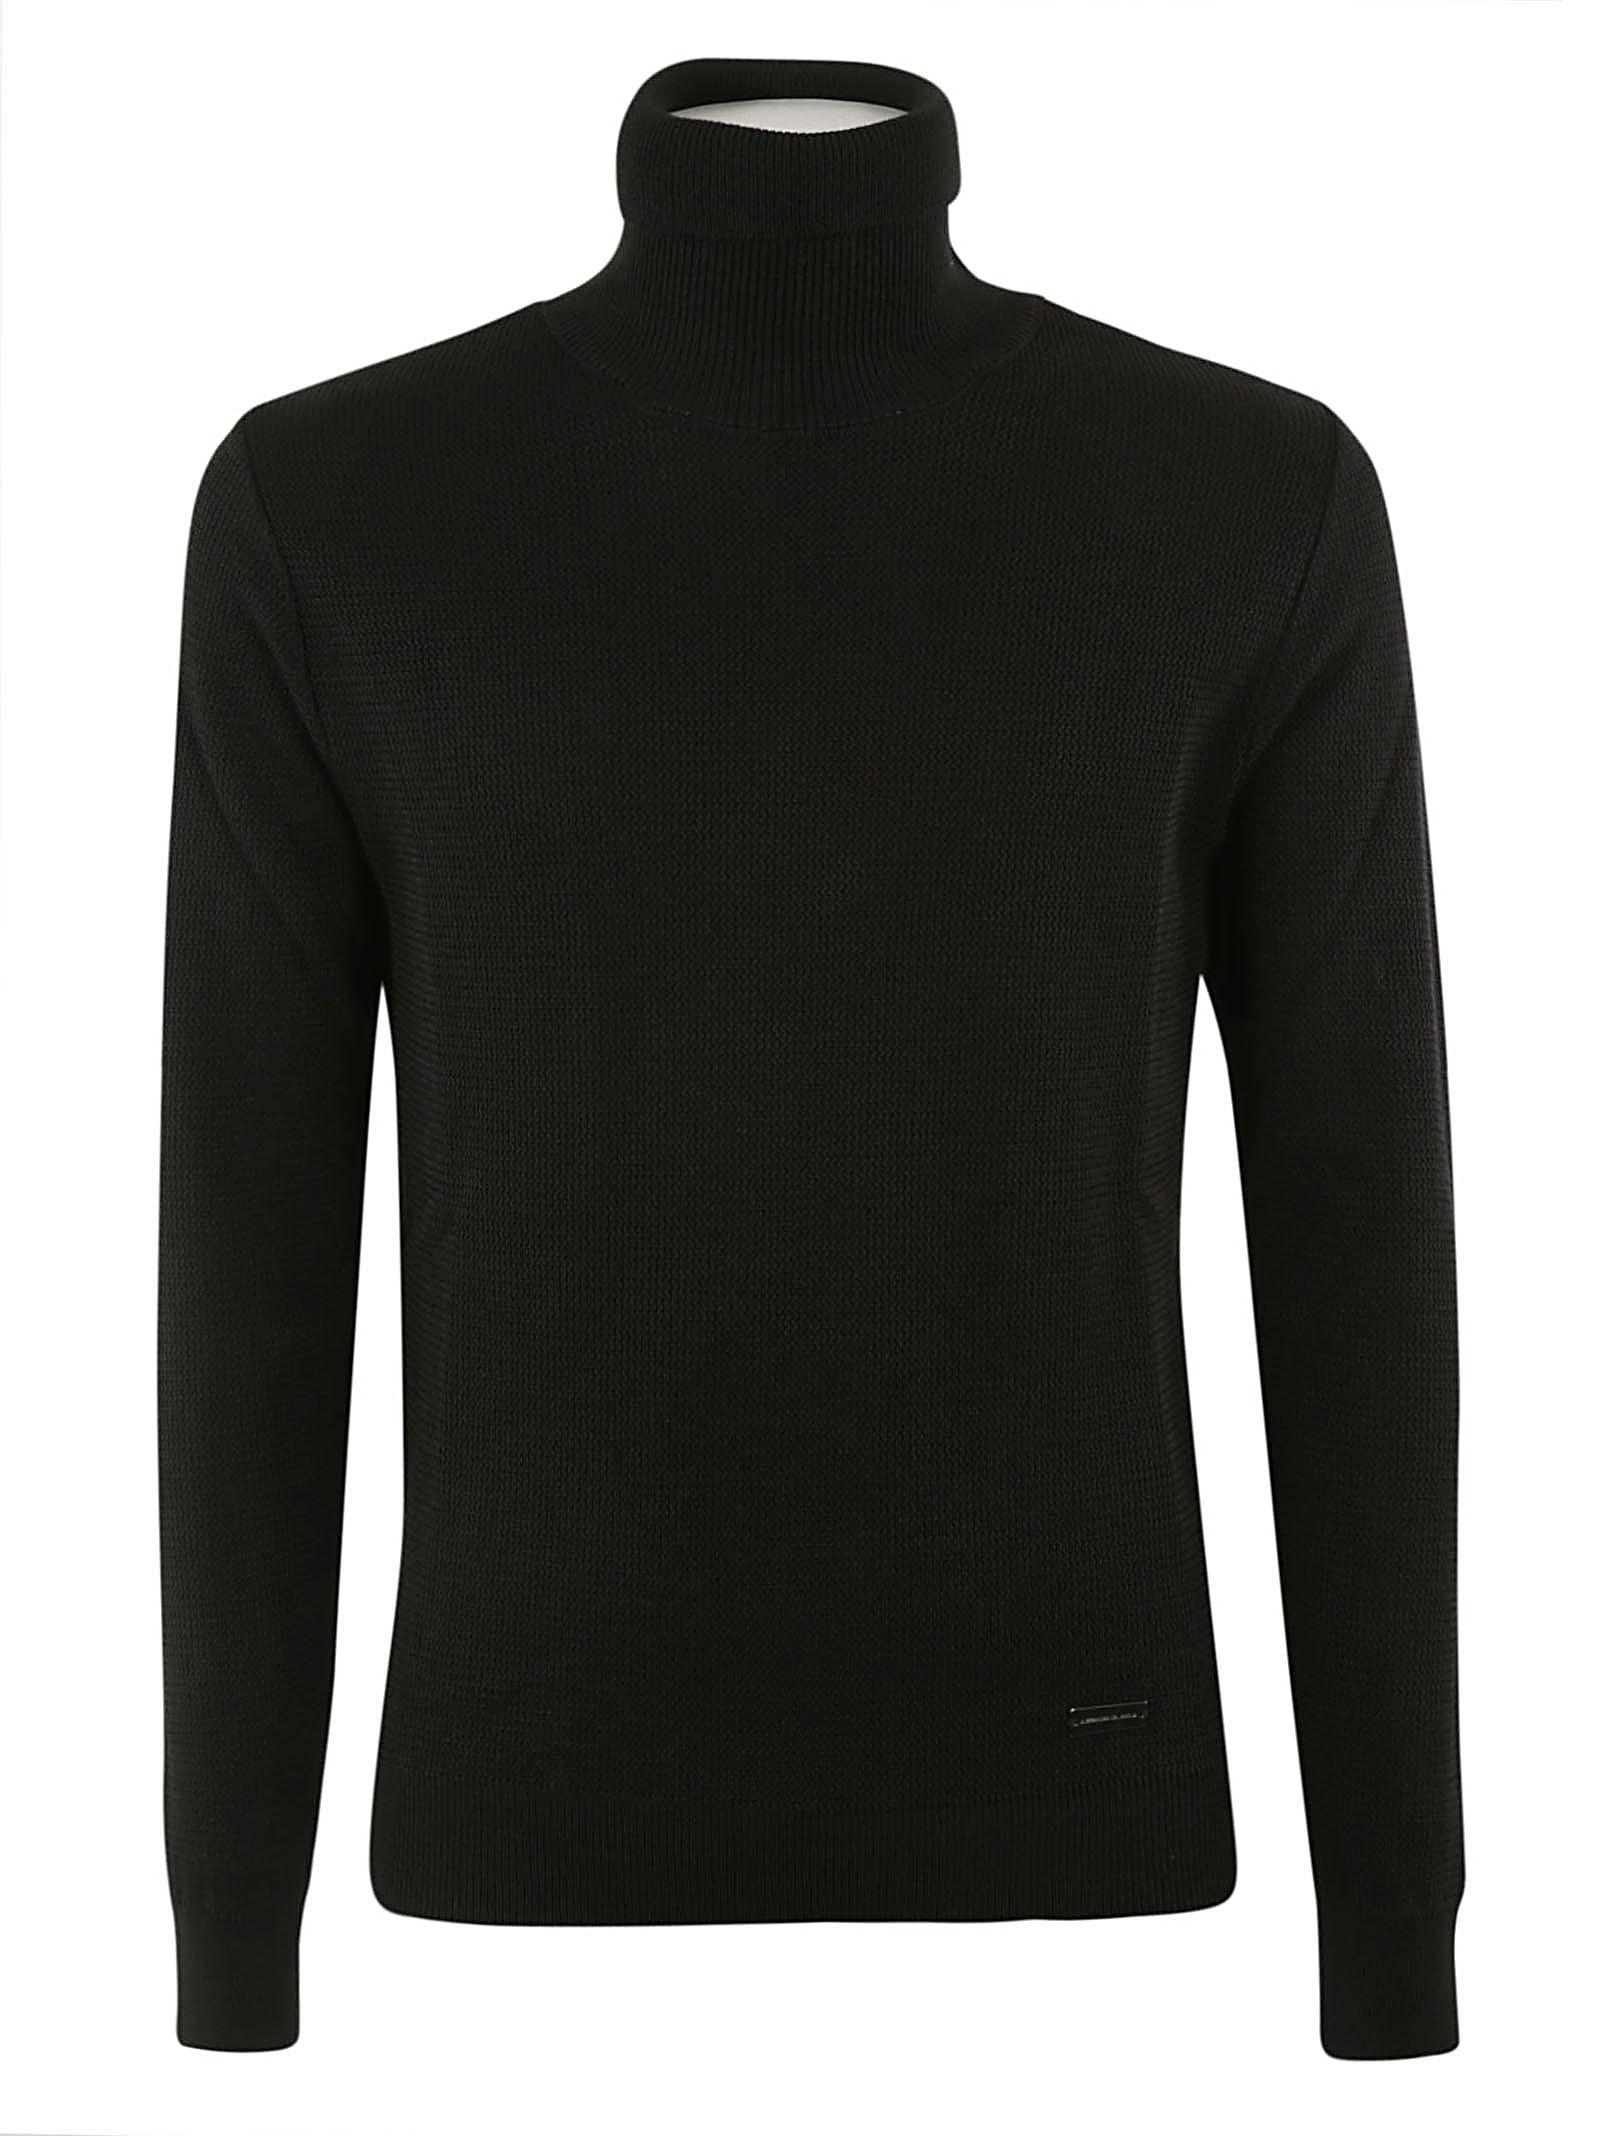 Alessandro Dell'acqua Ribbed Sweater